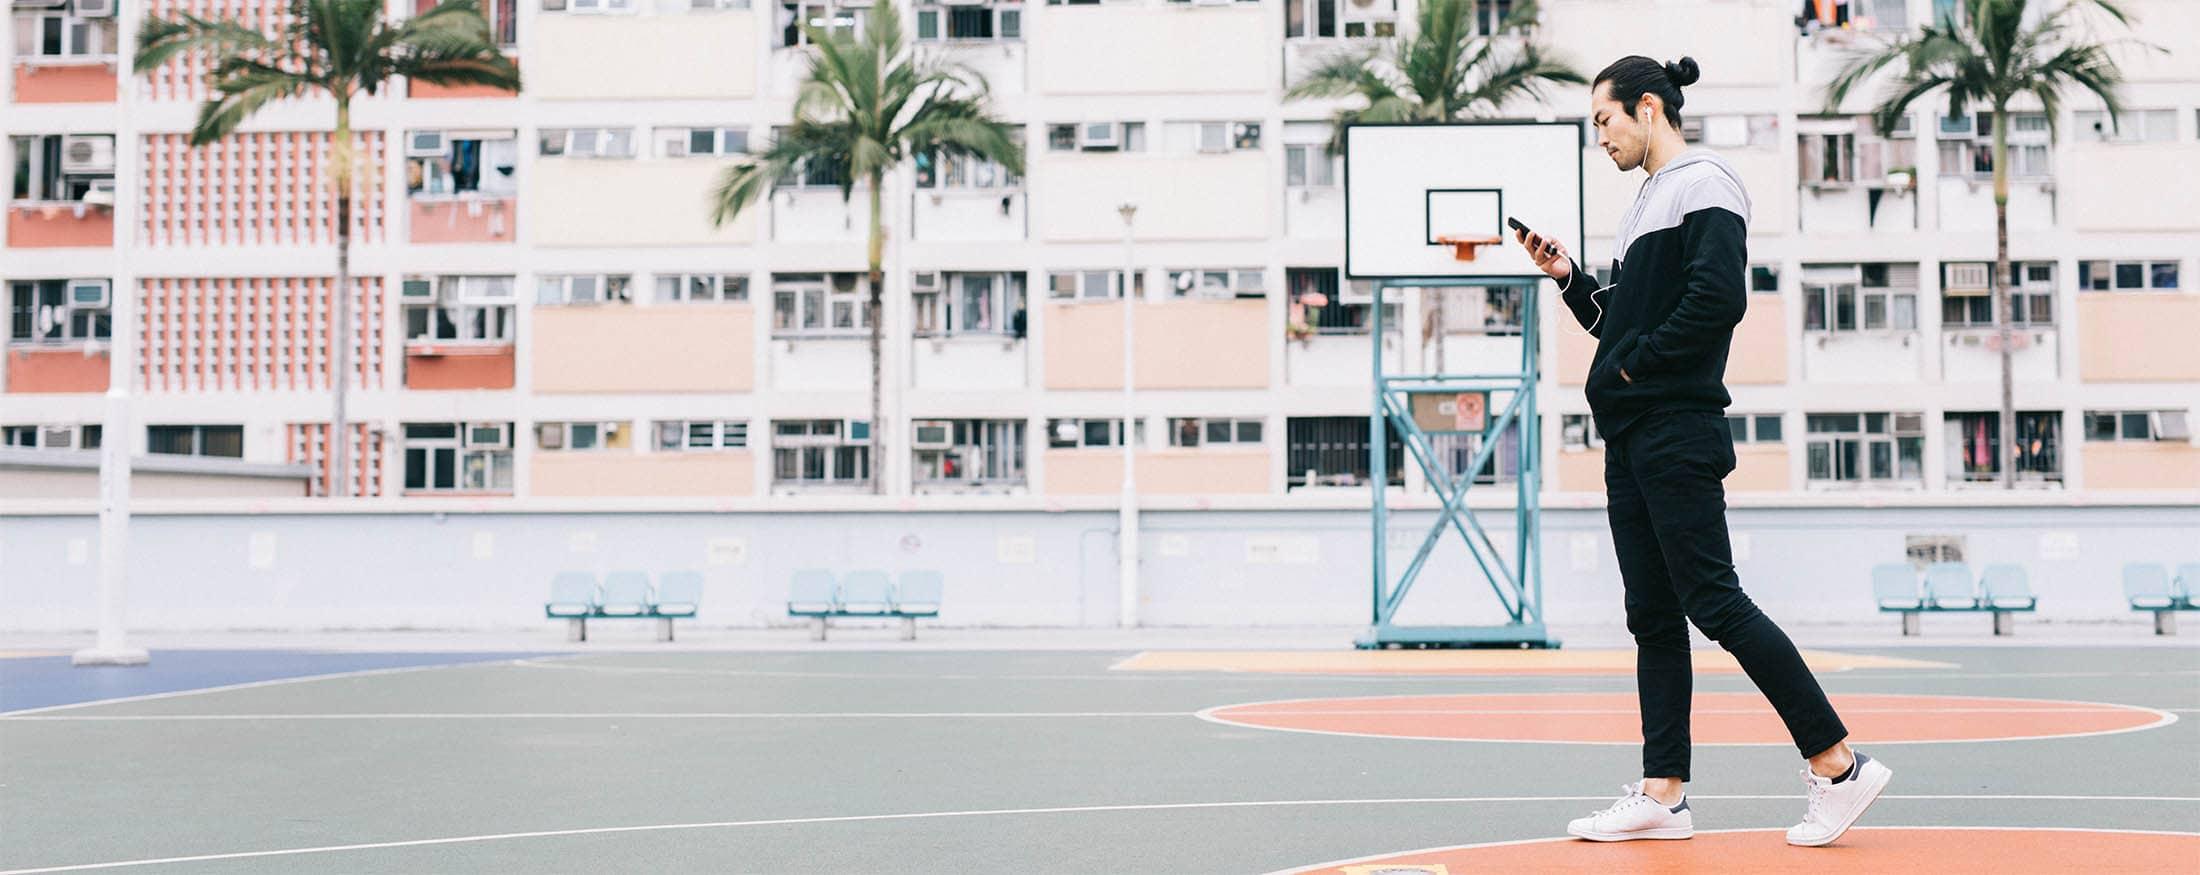 Junger asiatischer Basketballspieler, der auf einem Basketballplatz steht und Musik hört.